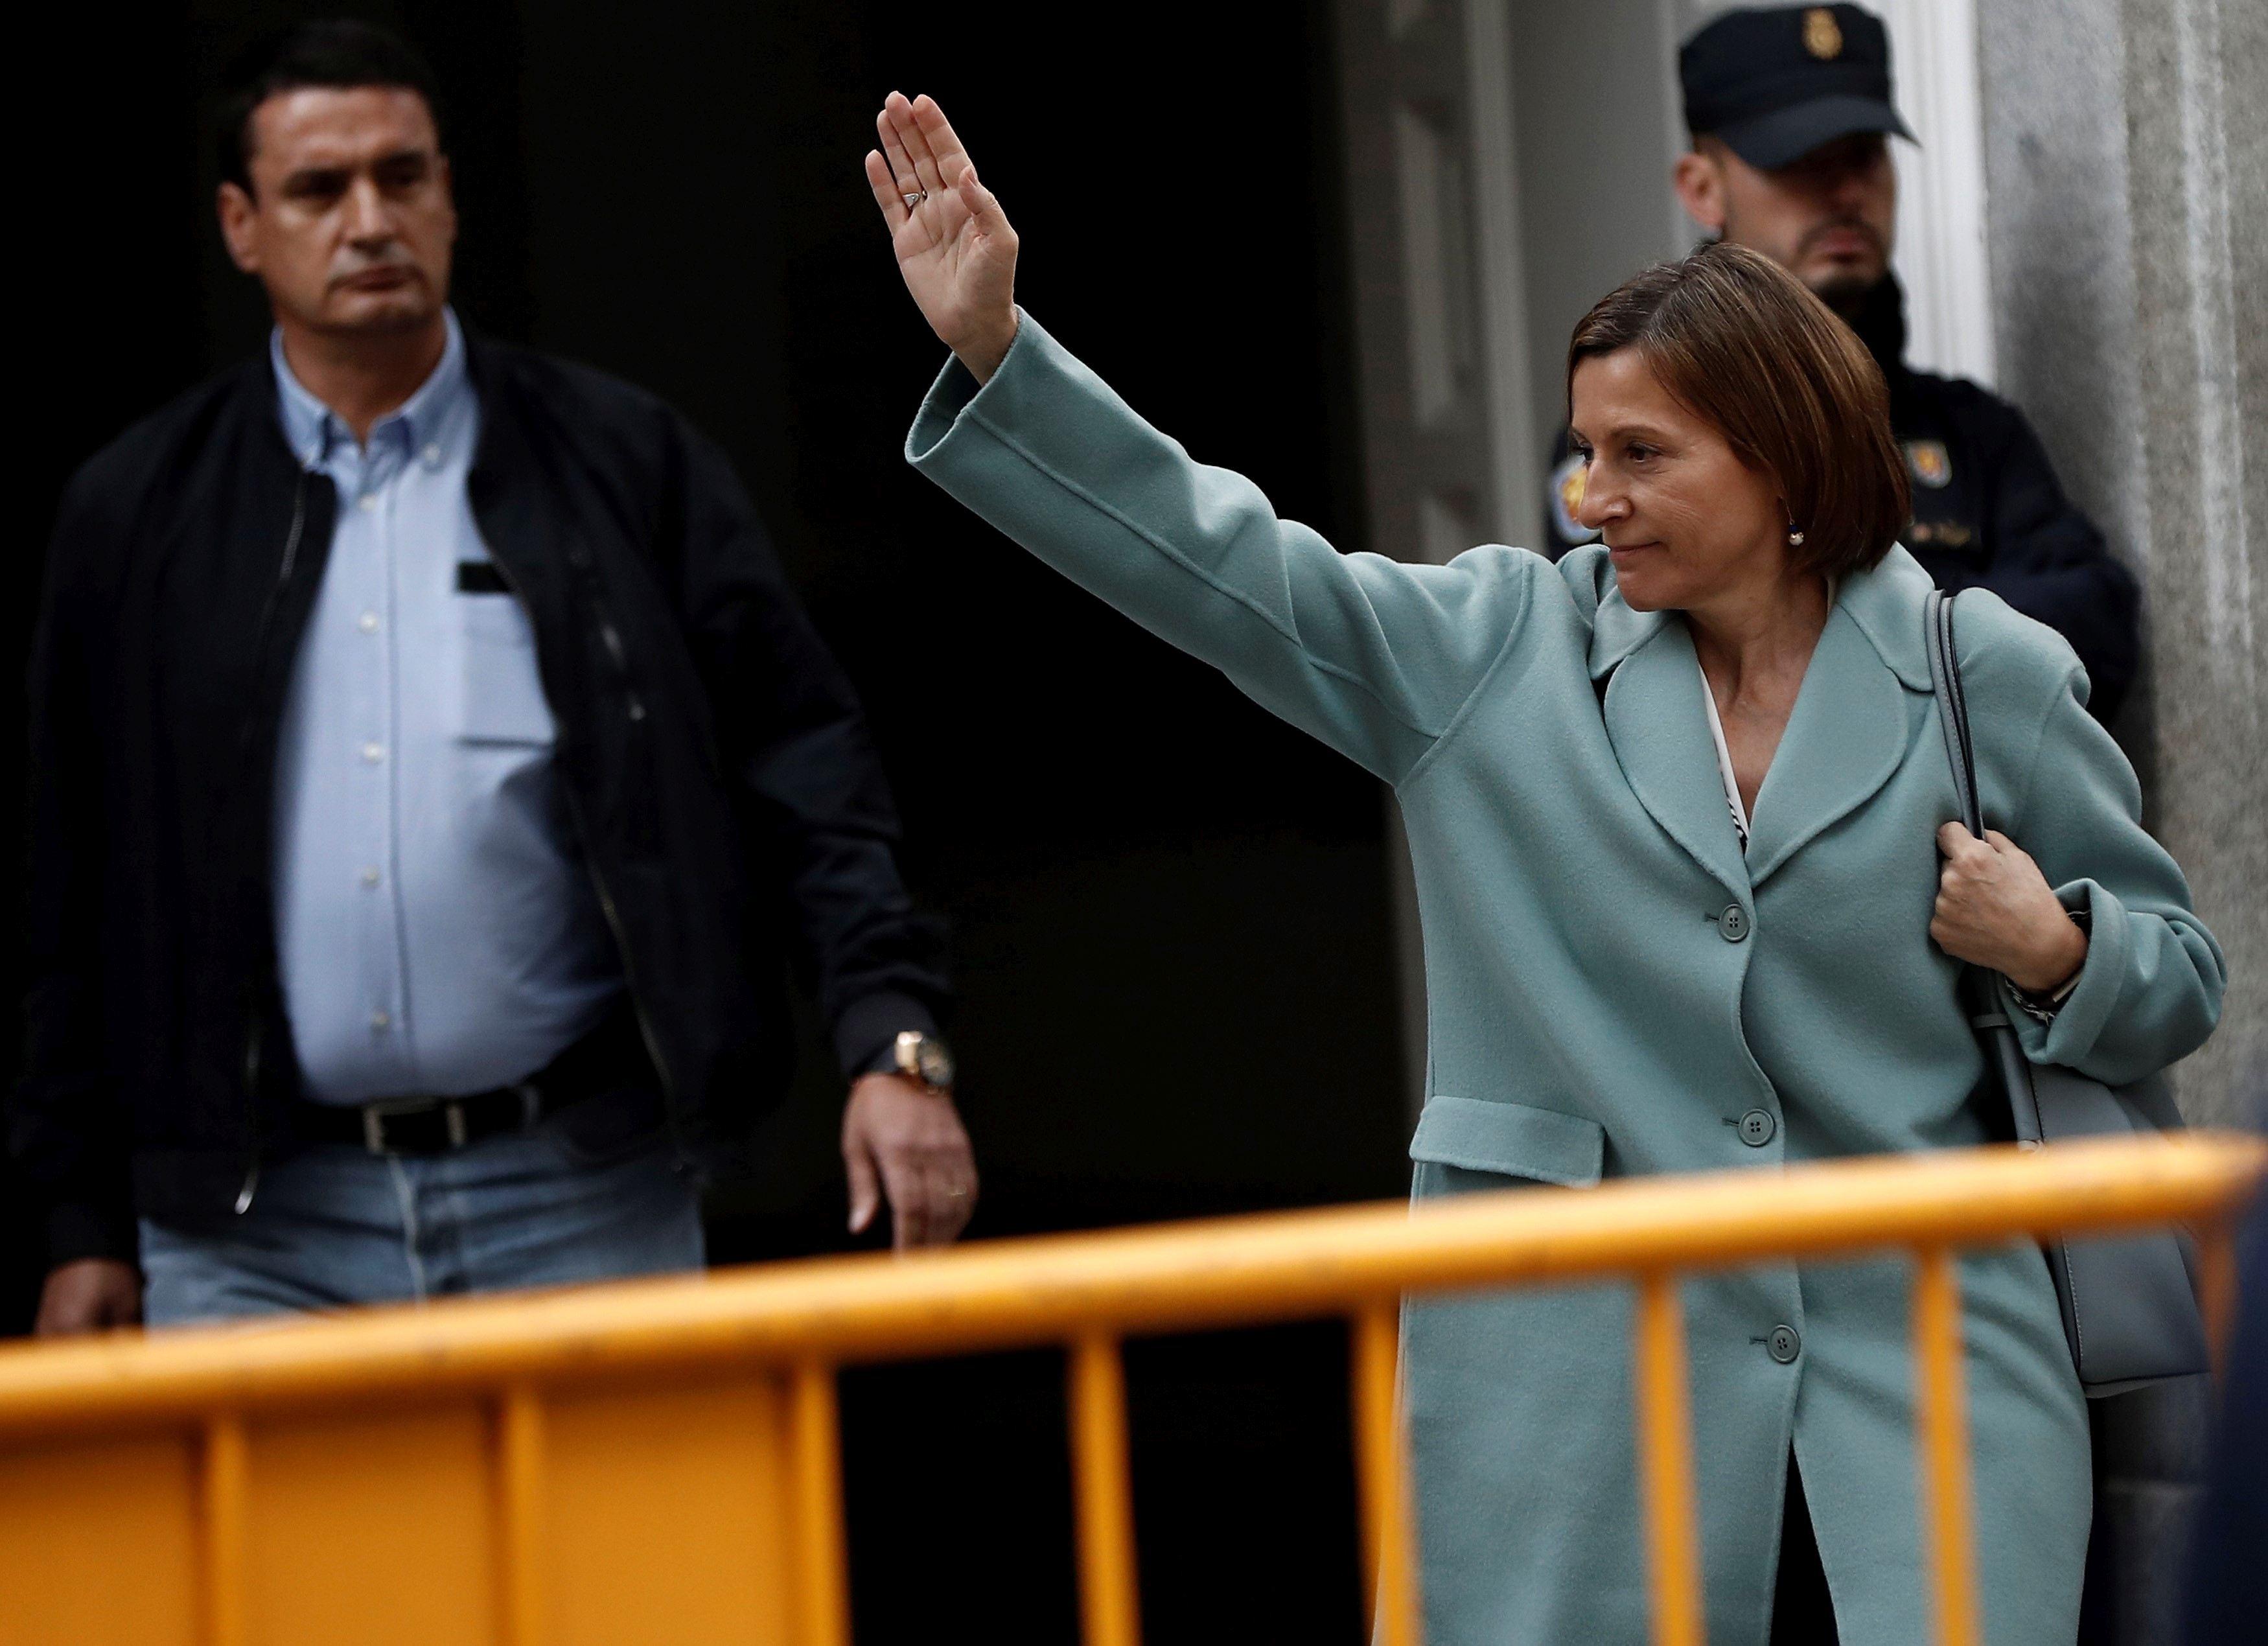 CRIZA din Catalonia: Procurorii spanioli a cerut arestarea preşedintelui Parlamentului catalan, care a semnat declaraţia de independenţă